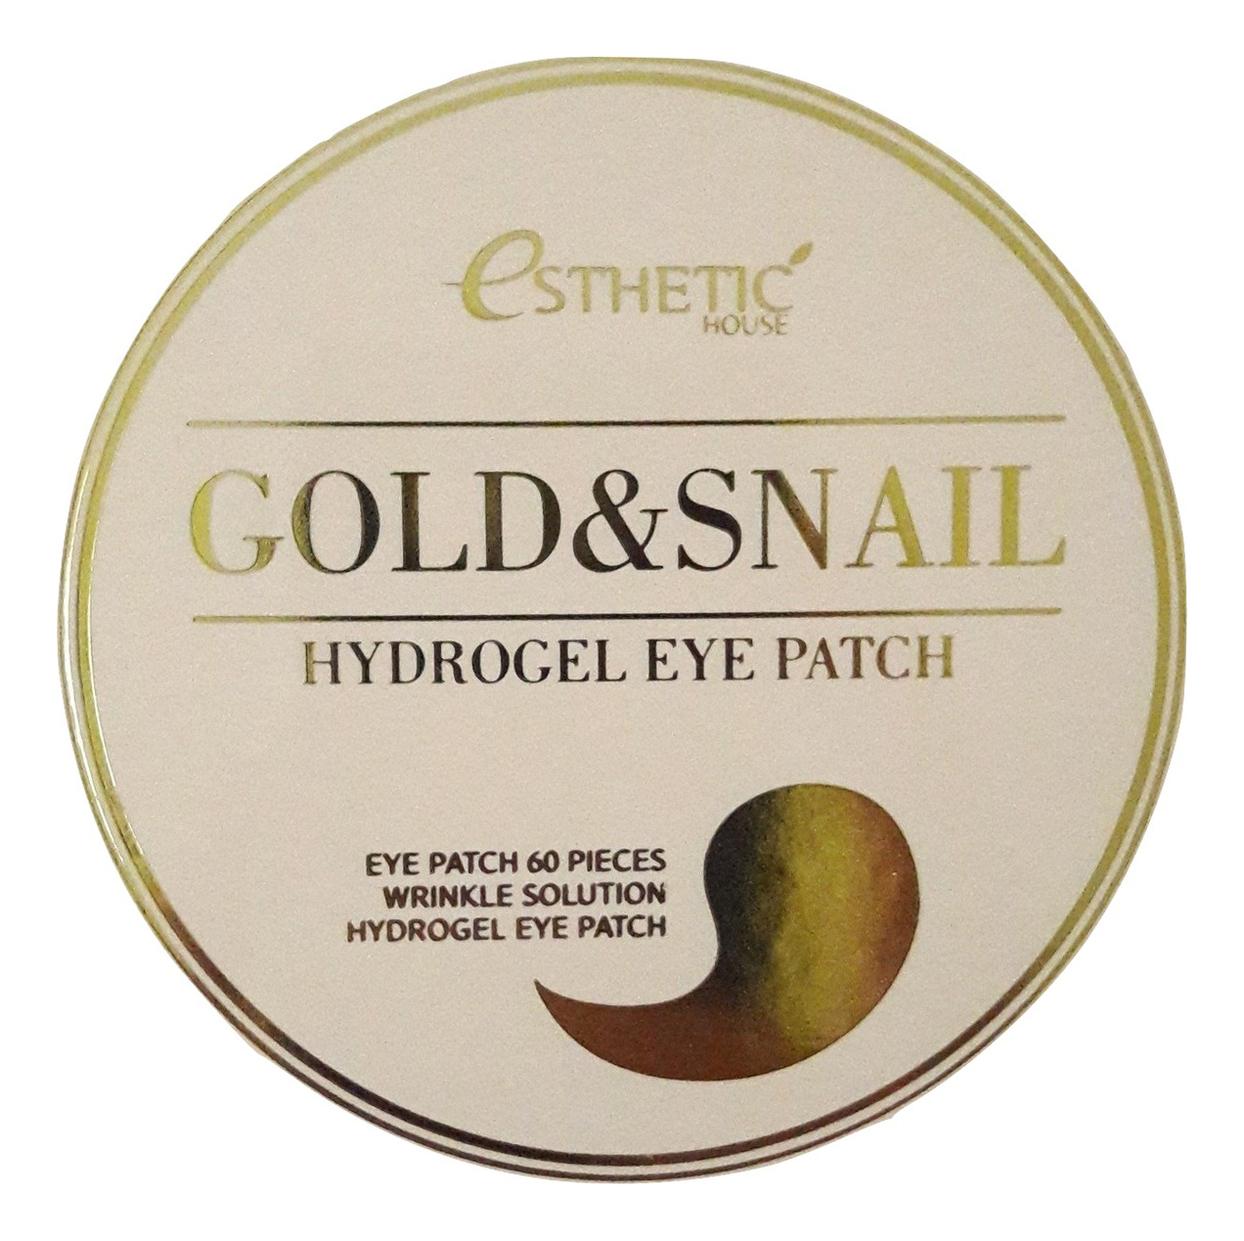 Гидрогелевые патчи для кожи вокруг глаз с муцином улитки и золотом Gold & Snail Hydrogel Eye Patch 60шт esthetic house патчи для кожи вокруг глаз aloe vera